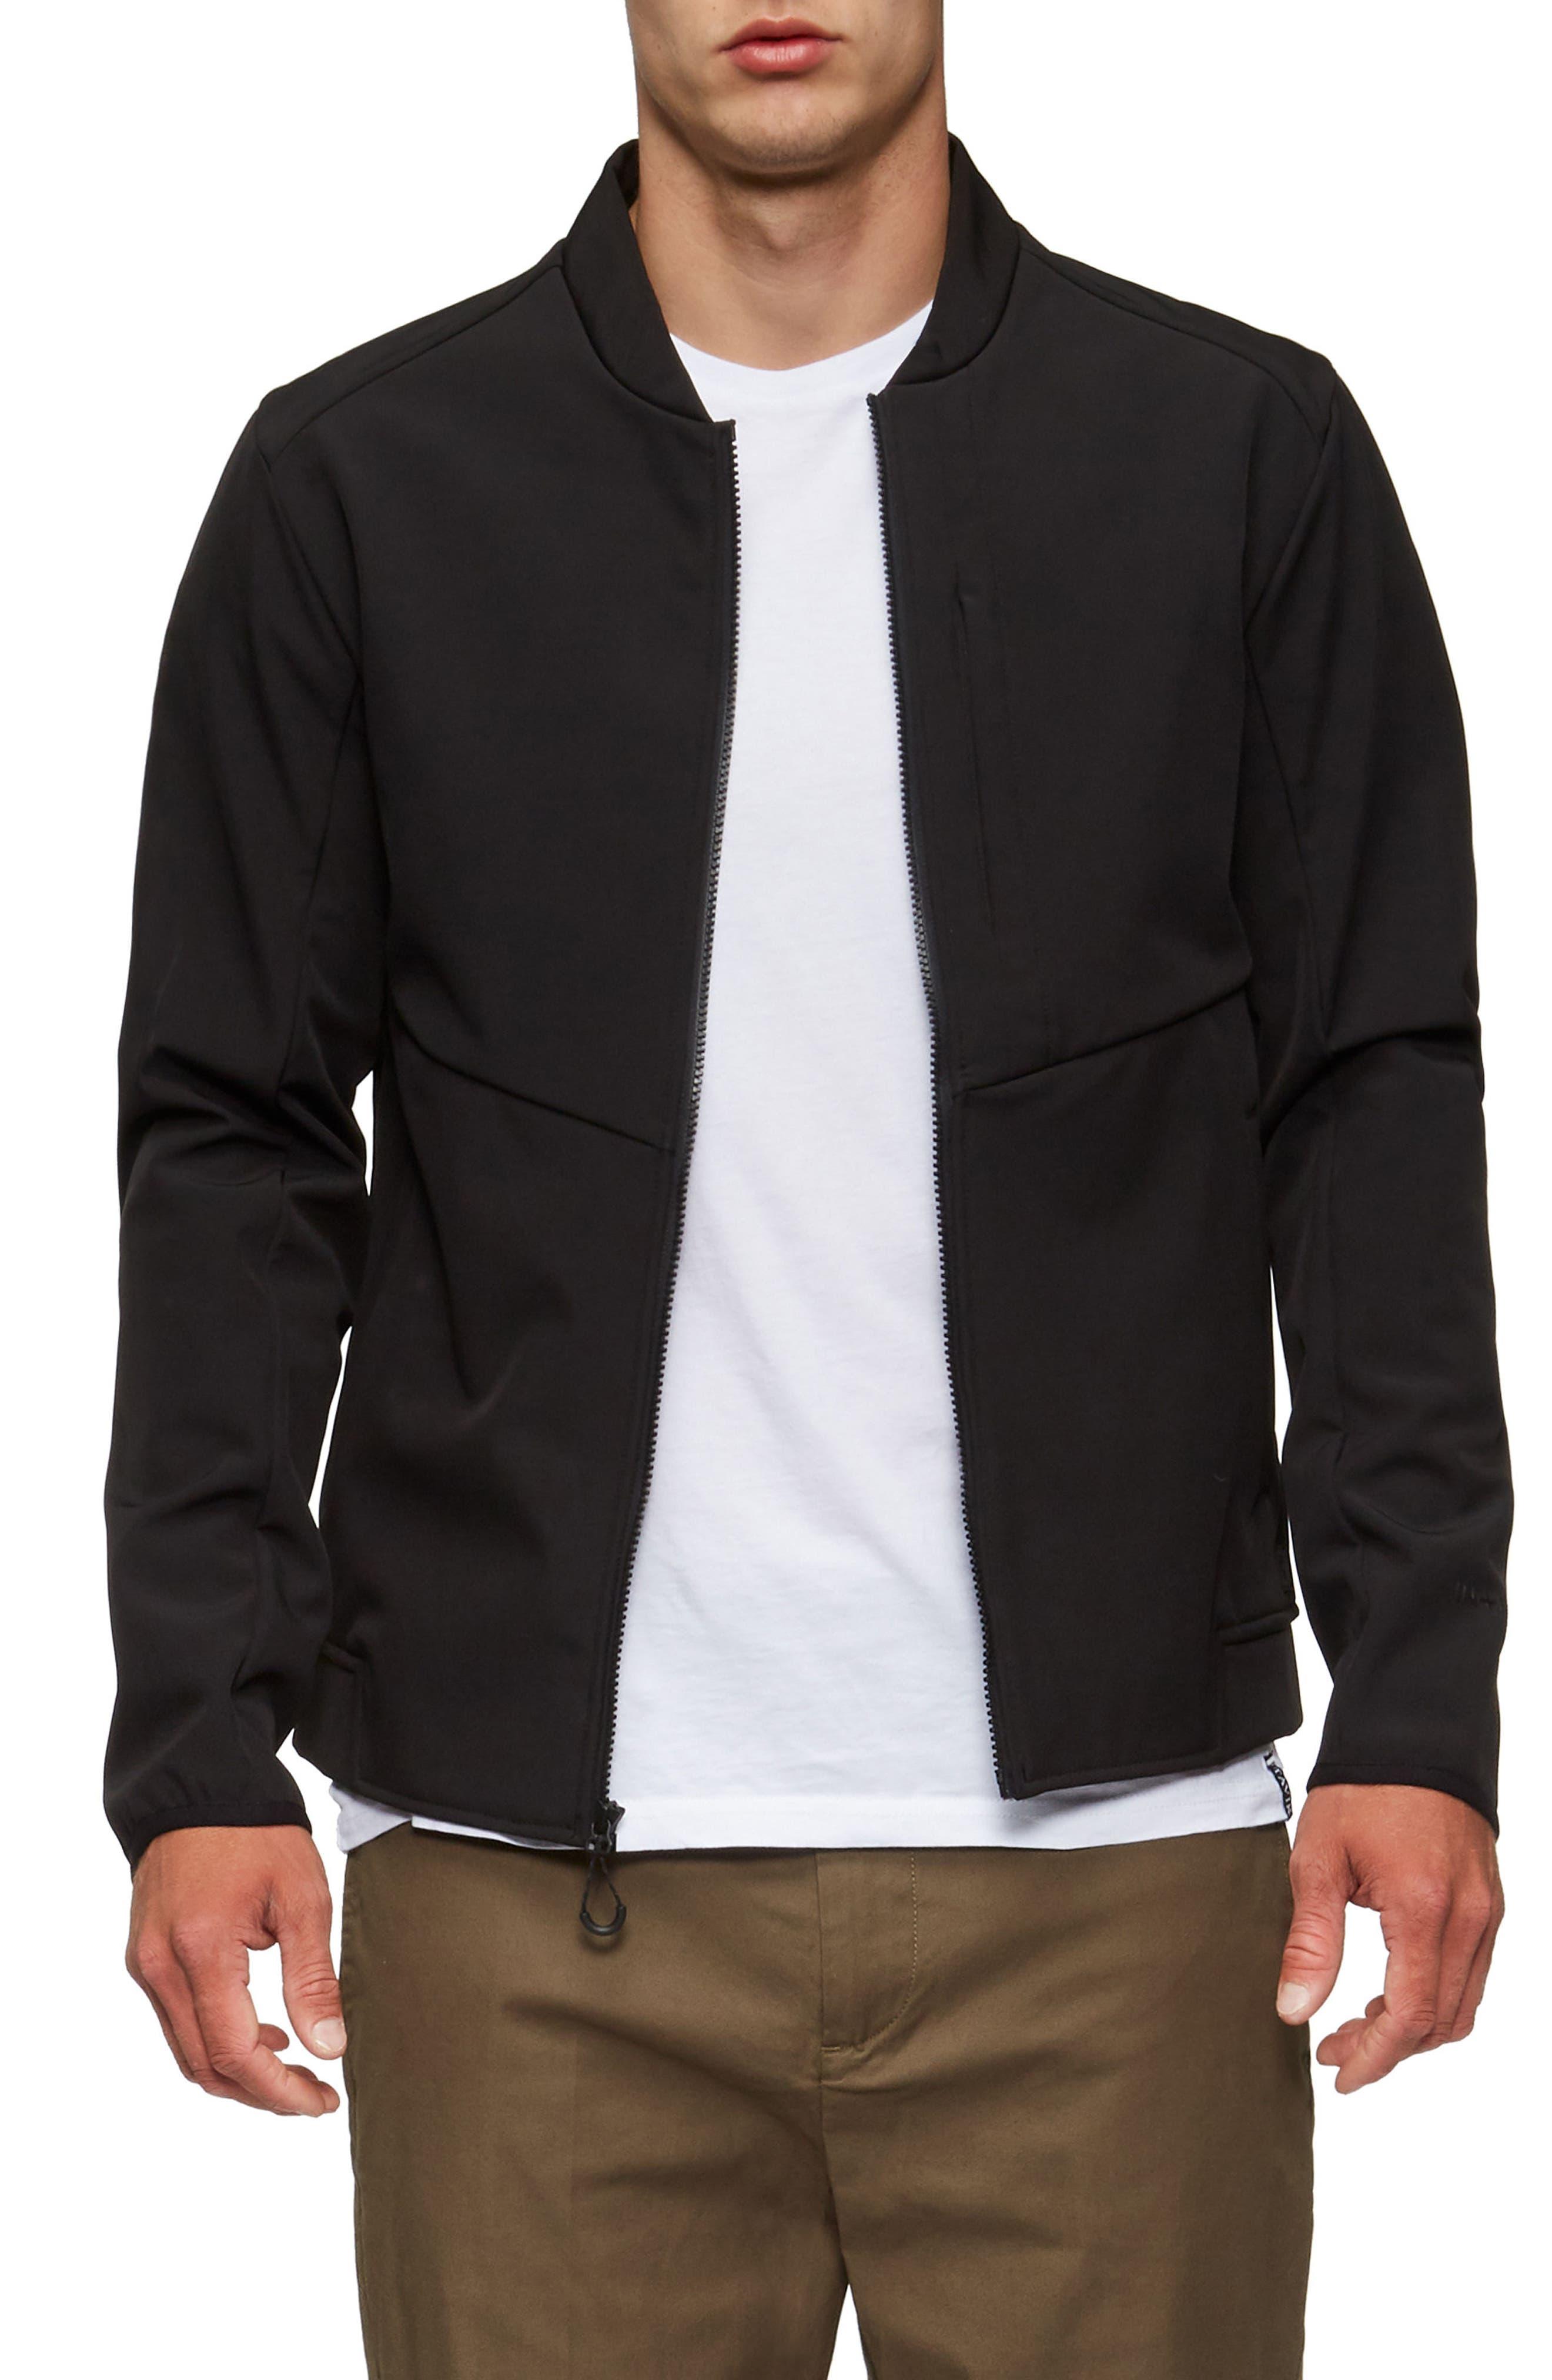 Decoy Fleece Jacket,                             Alternate thumbnail 4, color,                             001